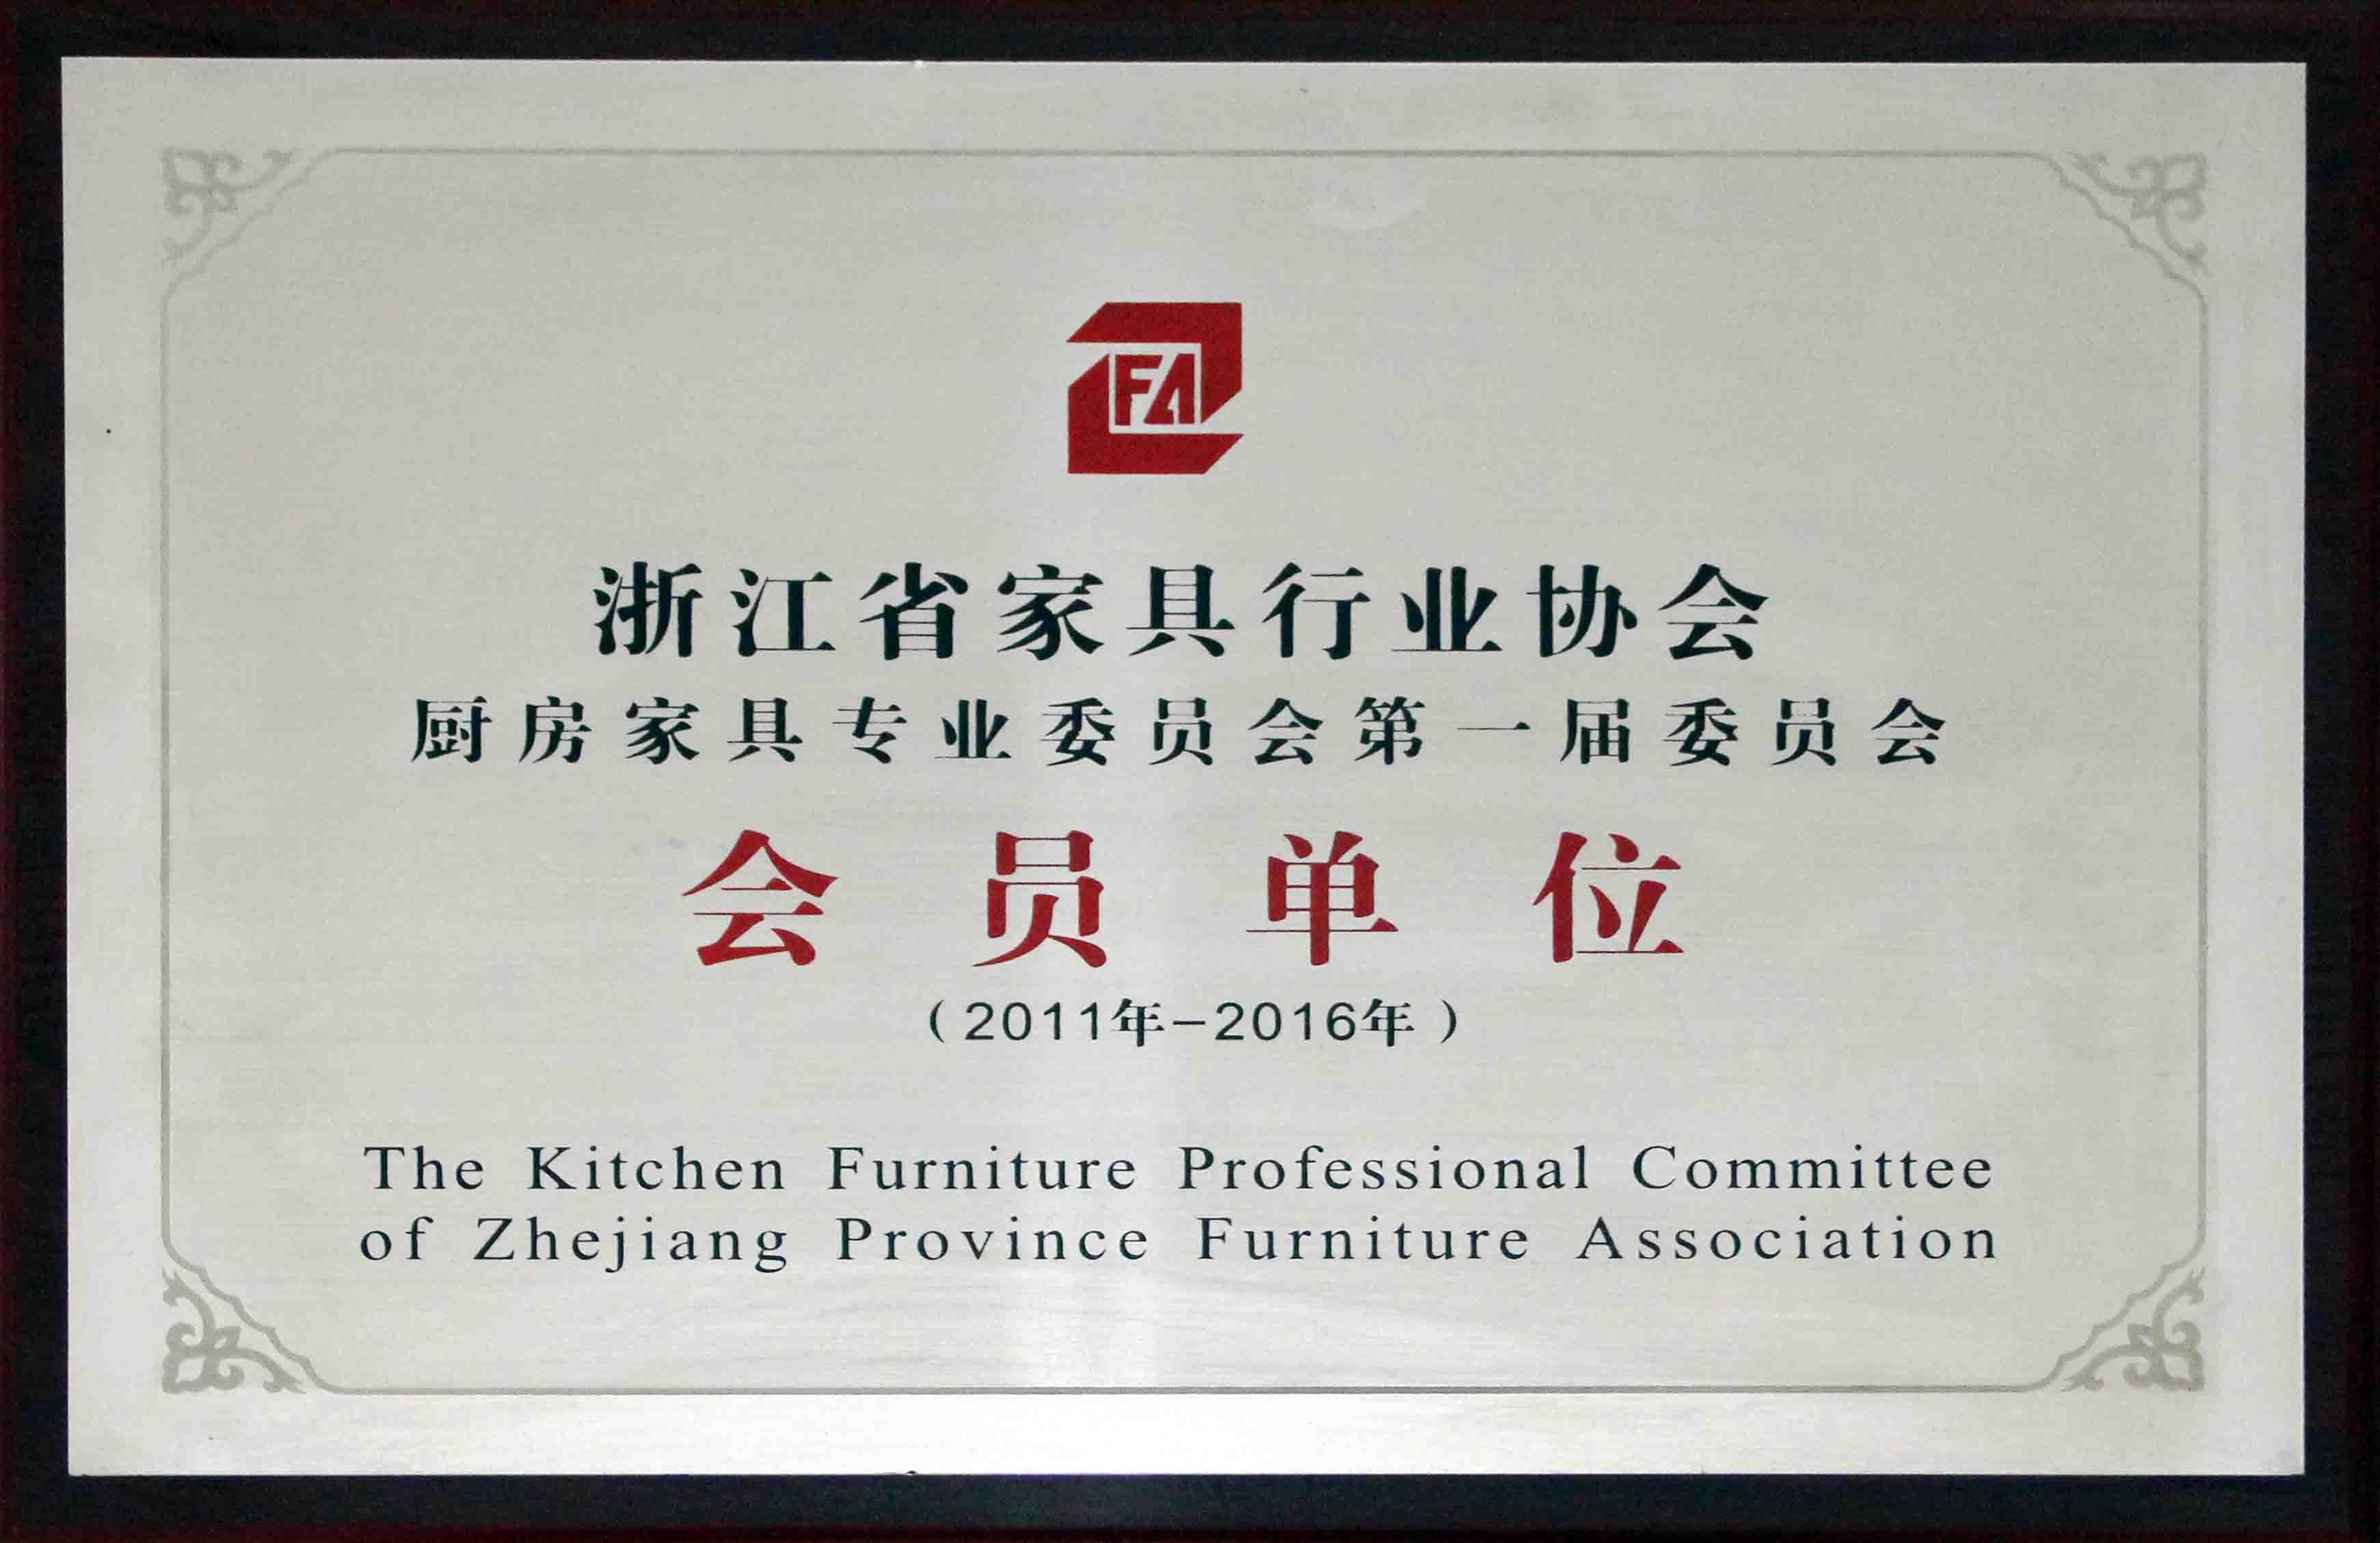 浙江省家具行业协会会员单位